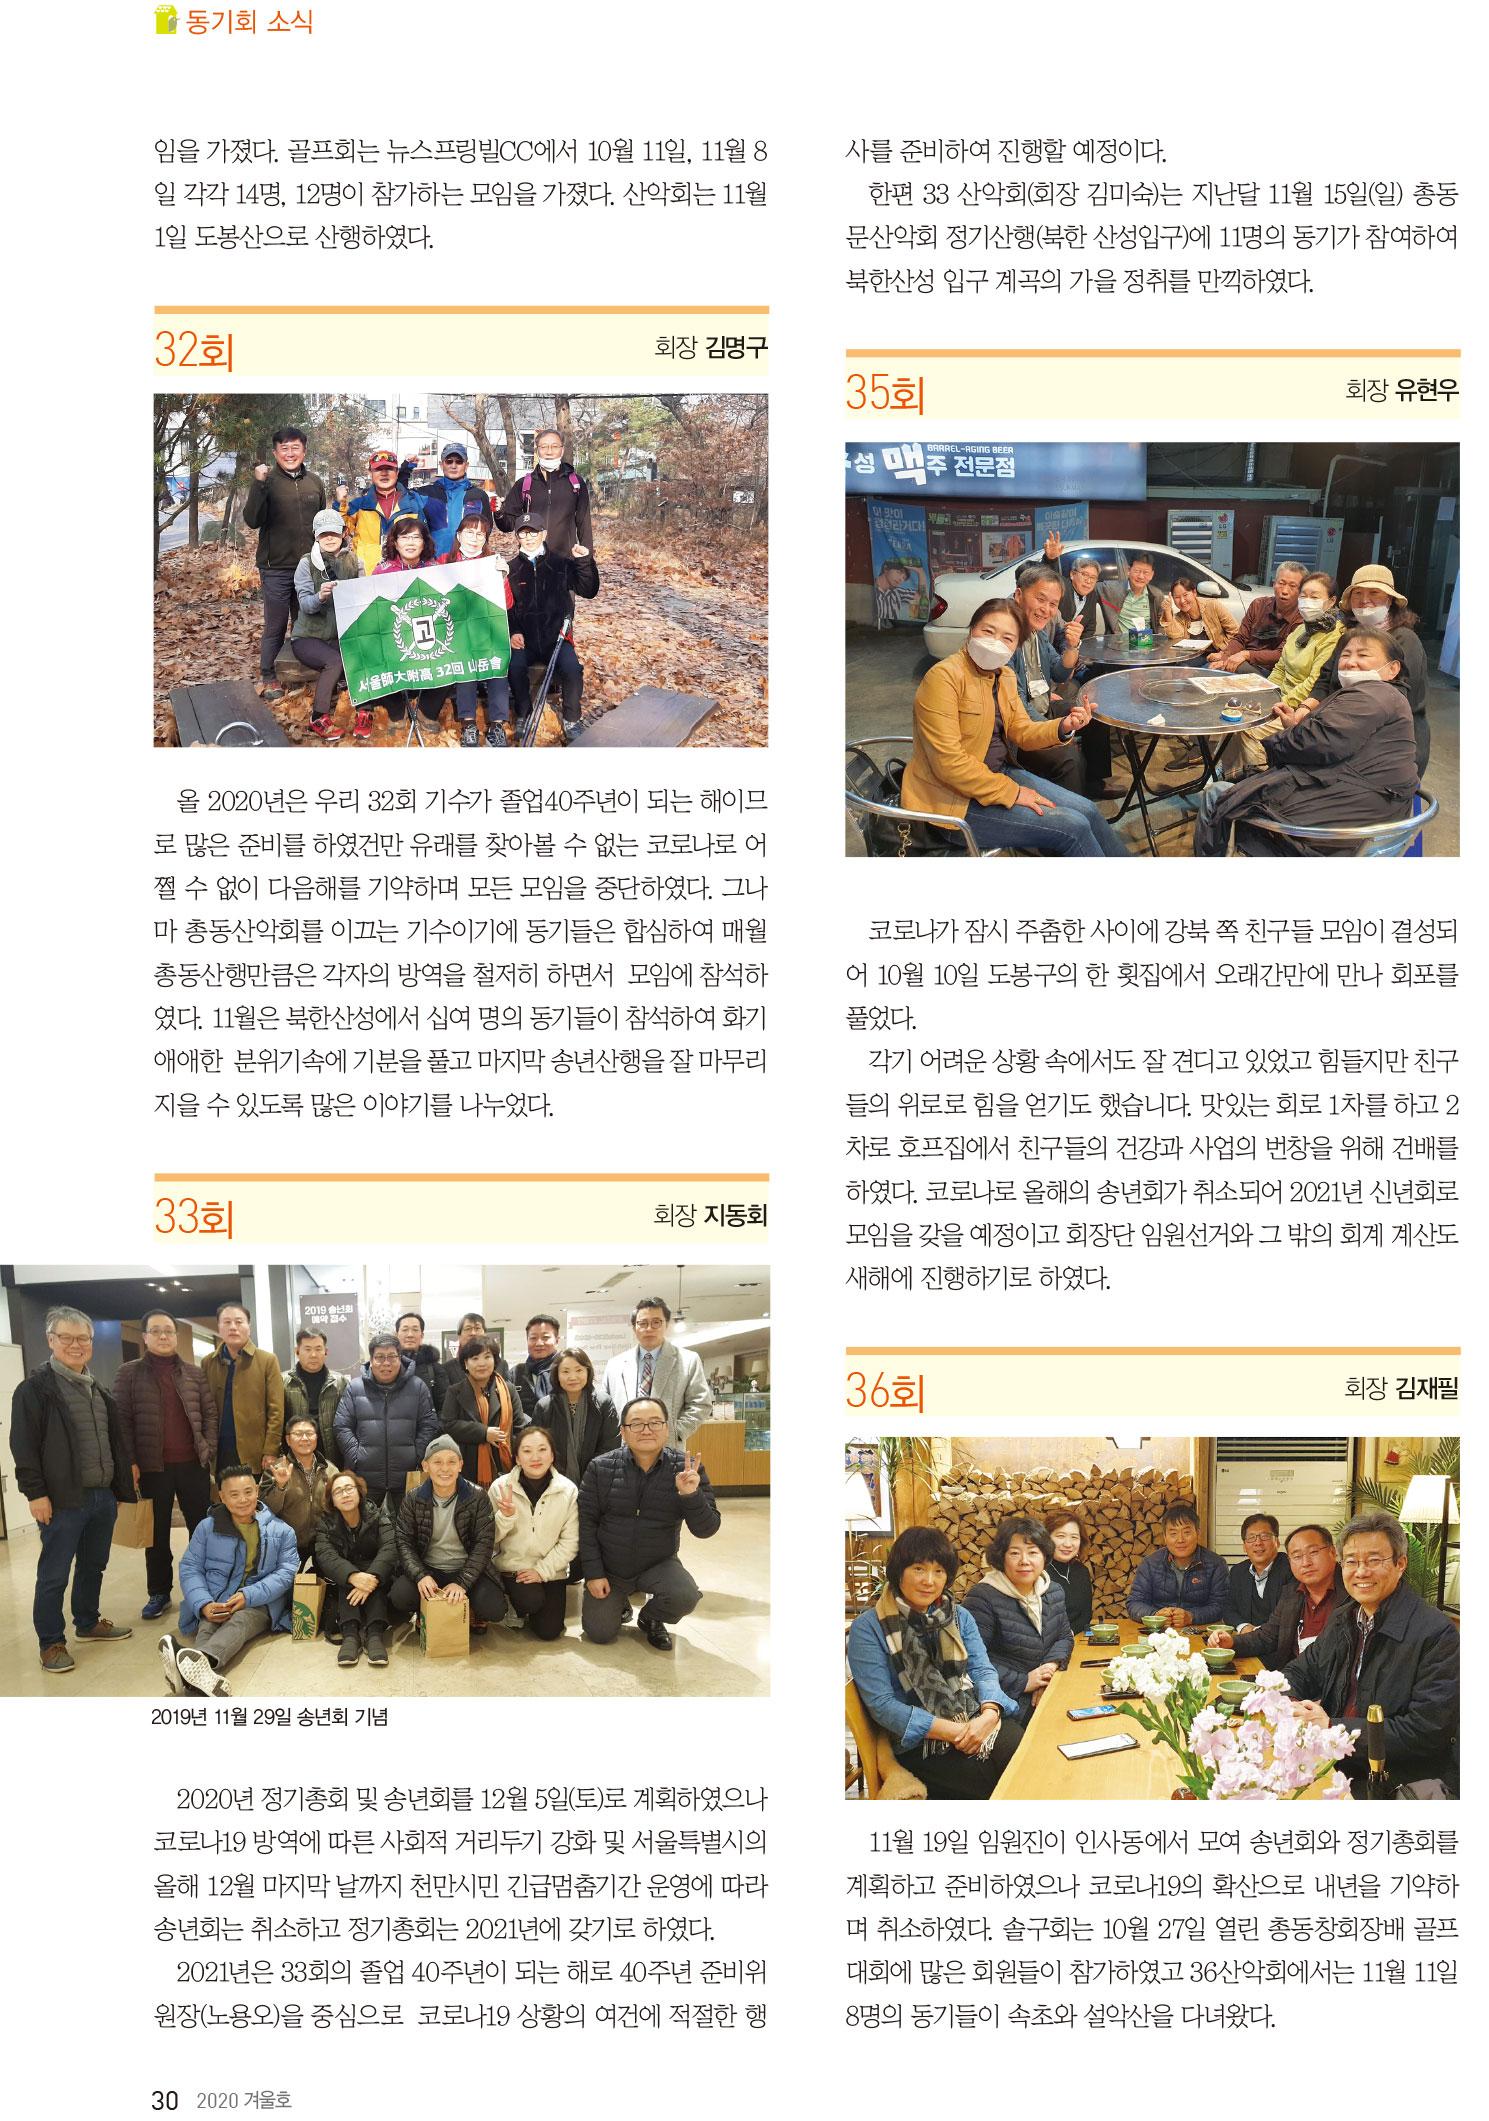 서울사대부고-115호-홈페이지-30.jpg